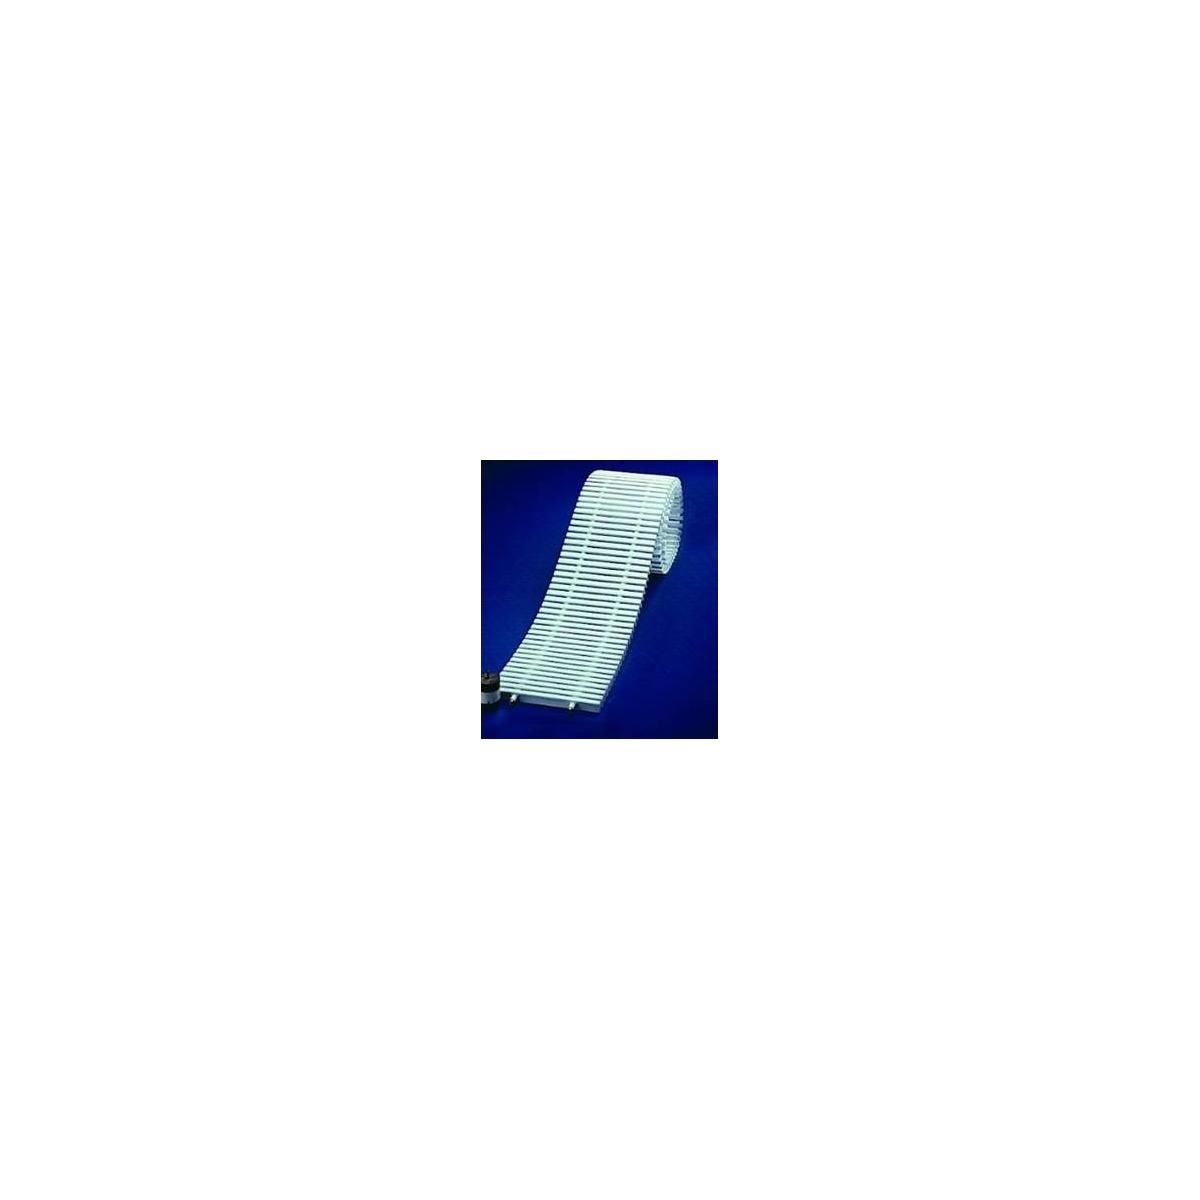 Modular Grating. Height 22 mm, Width 195 mm